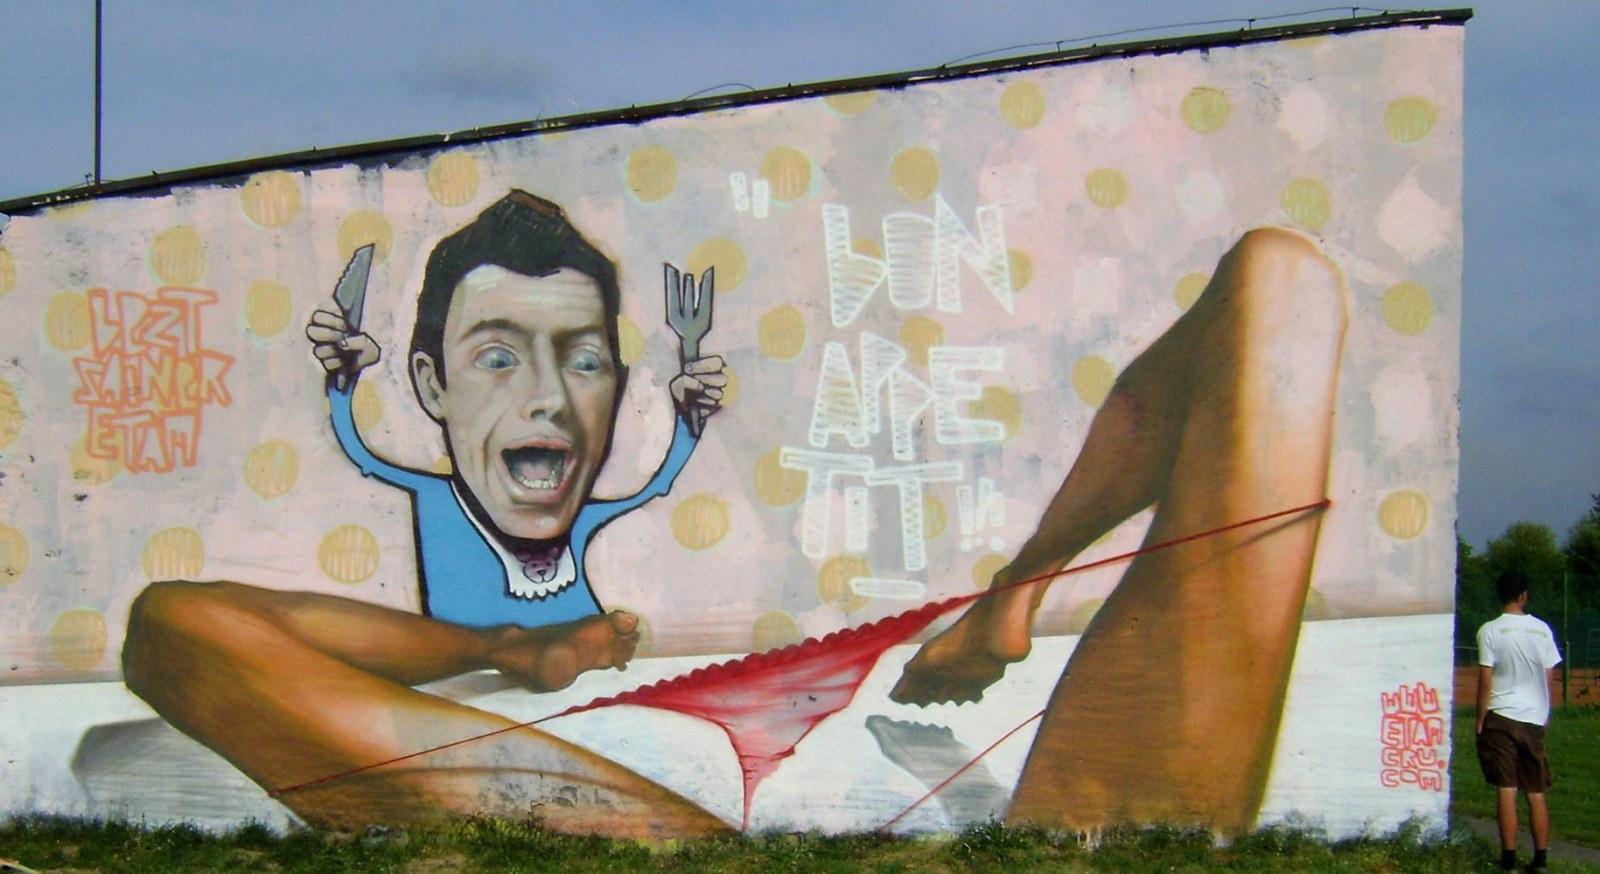 etam-cru-psychedelic-street-art-etam-bonapetit-jpg-1600-900